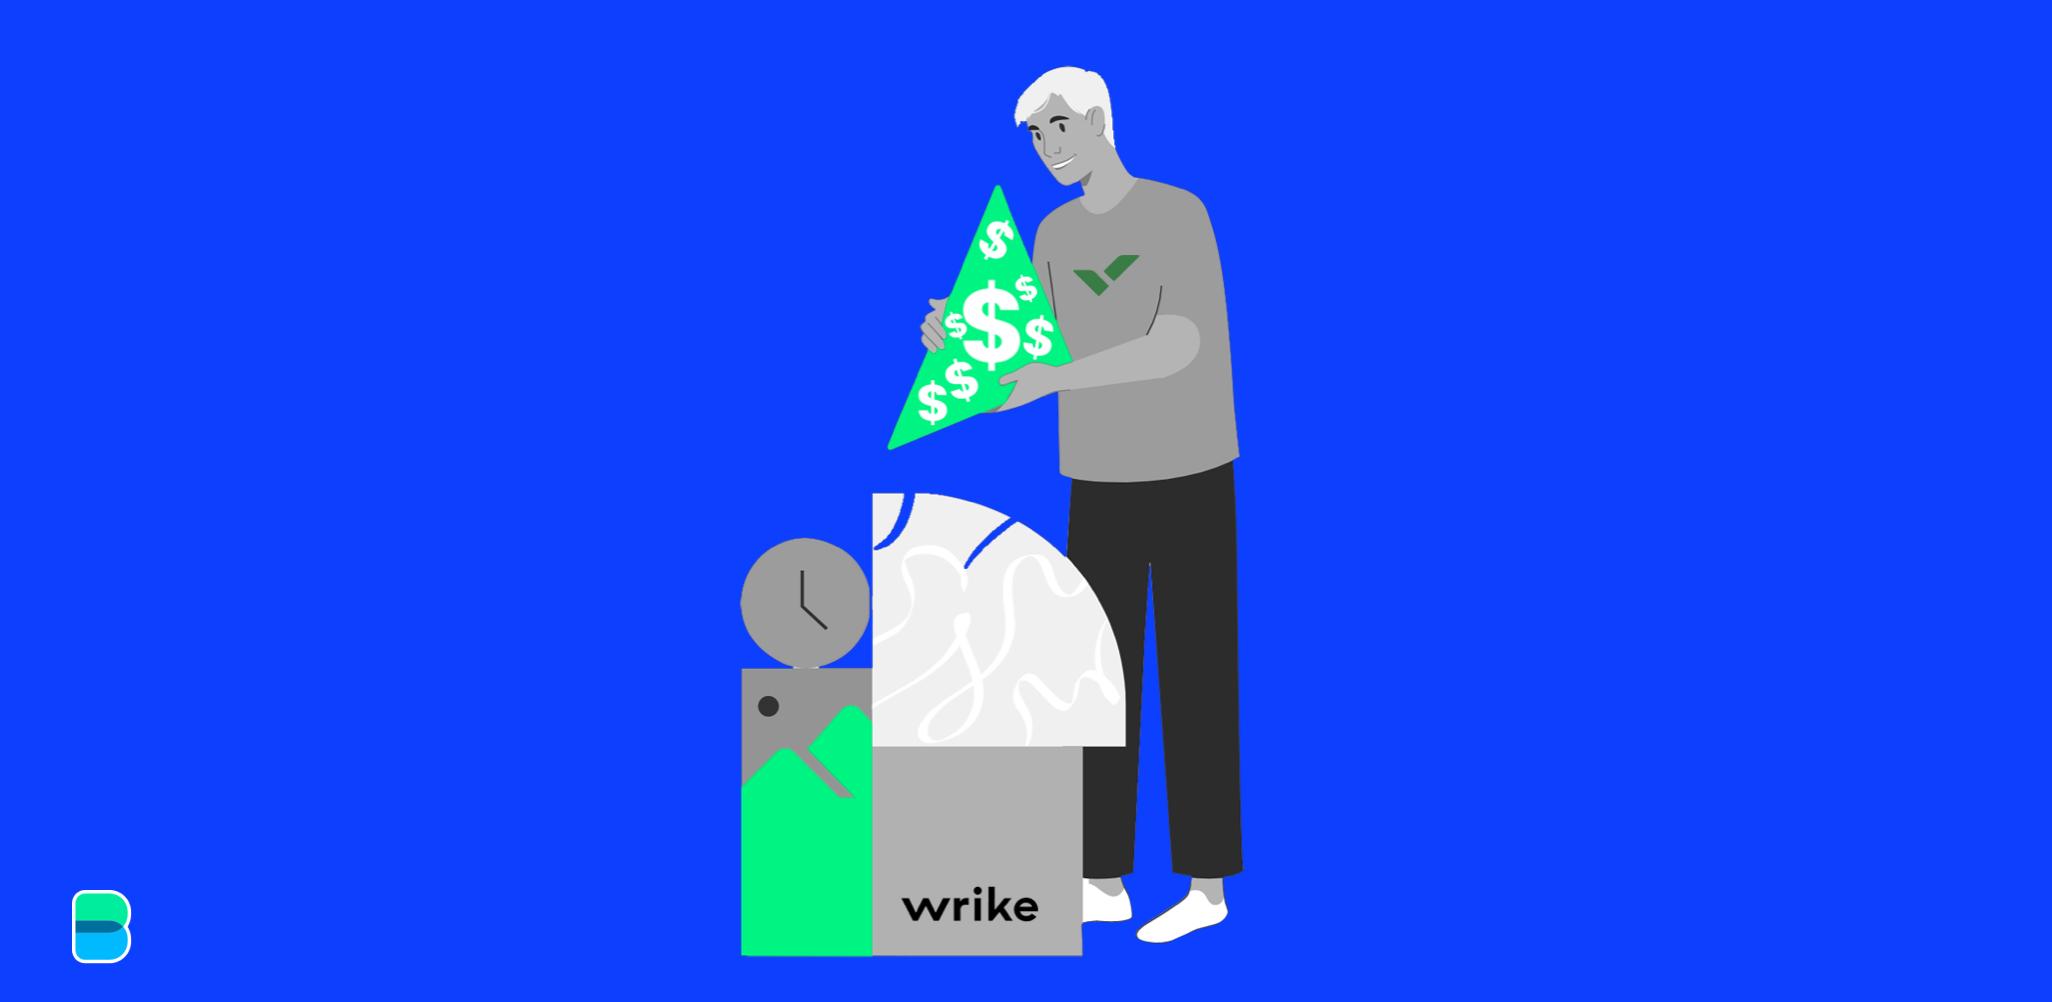 Citrix takes a $2b bet on Slack rival Wrike